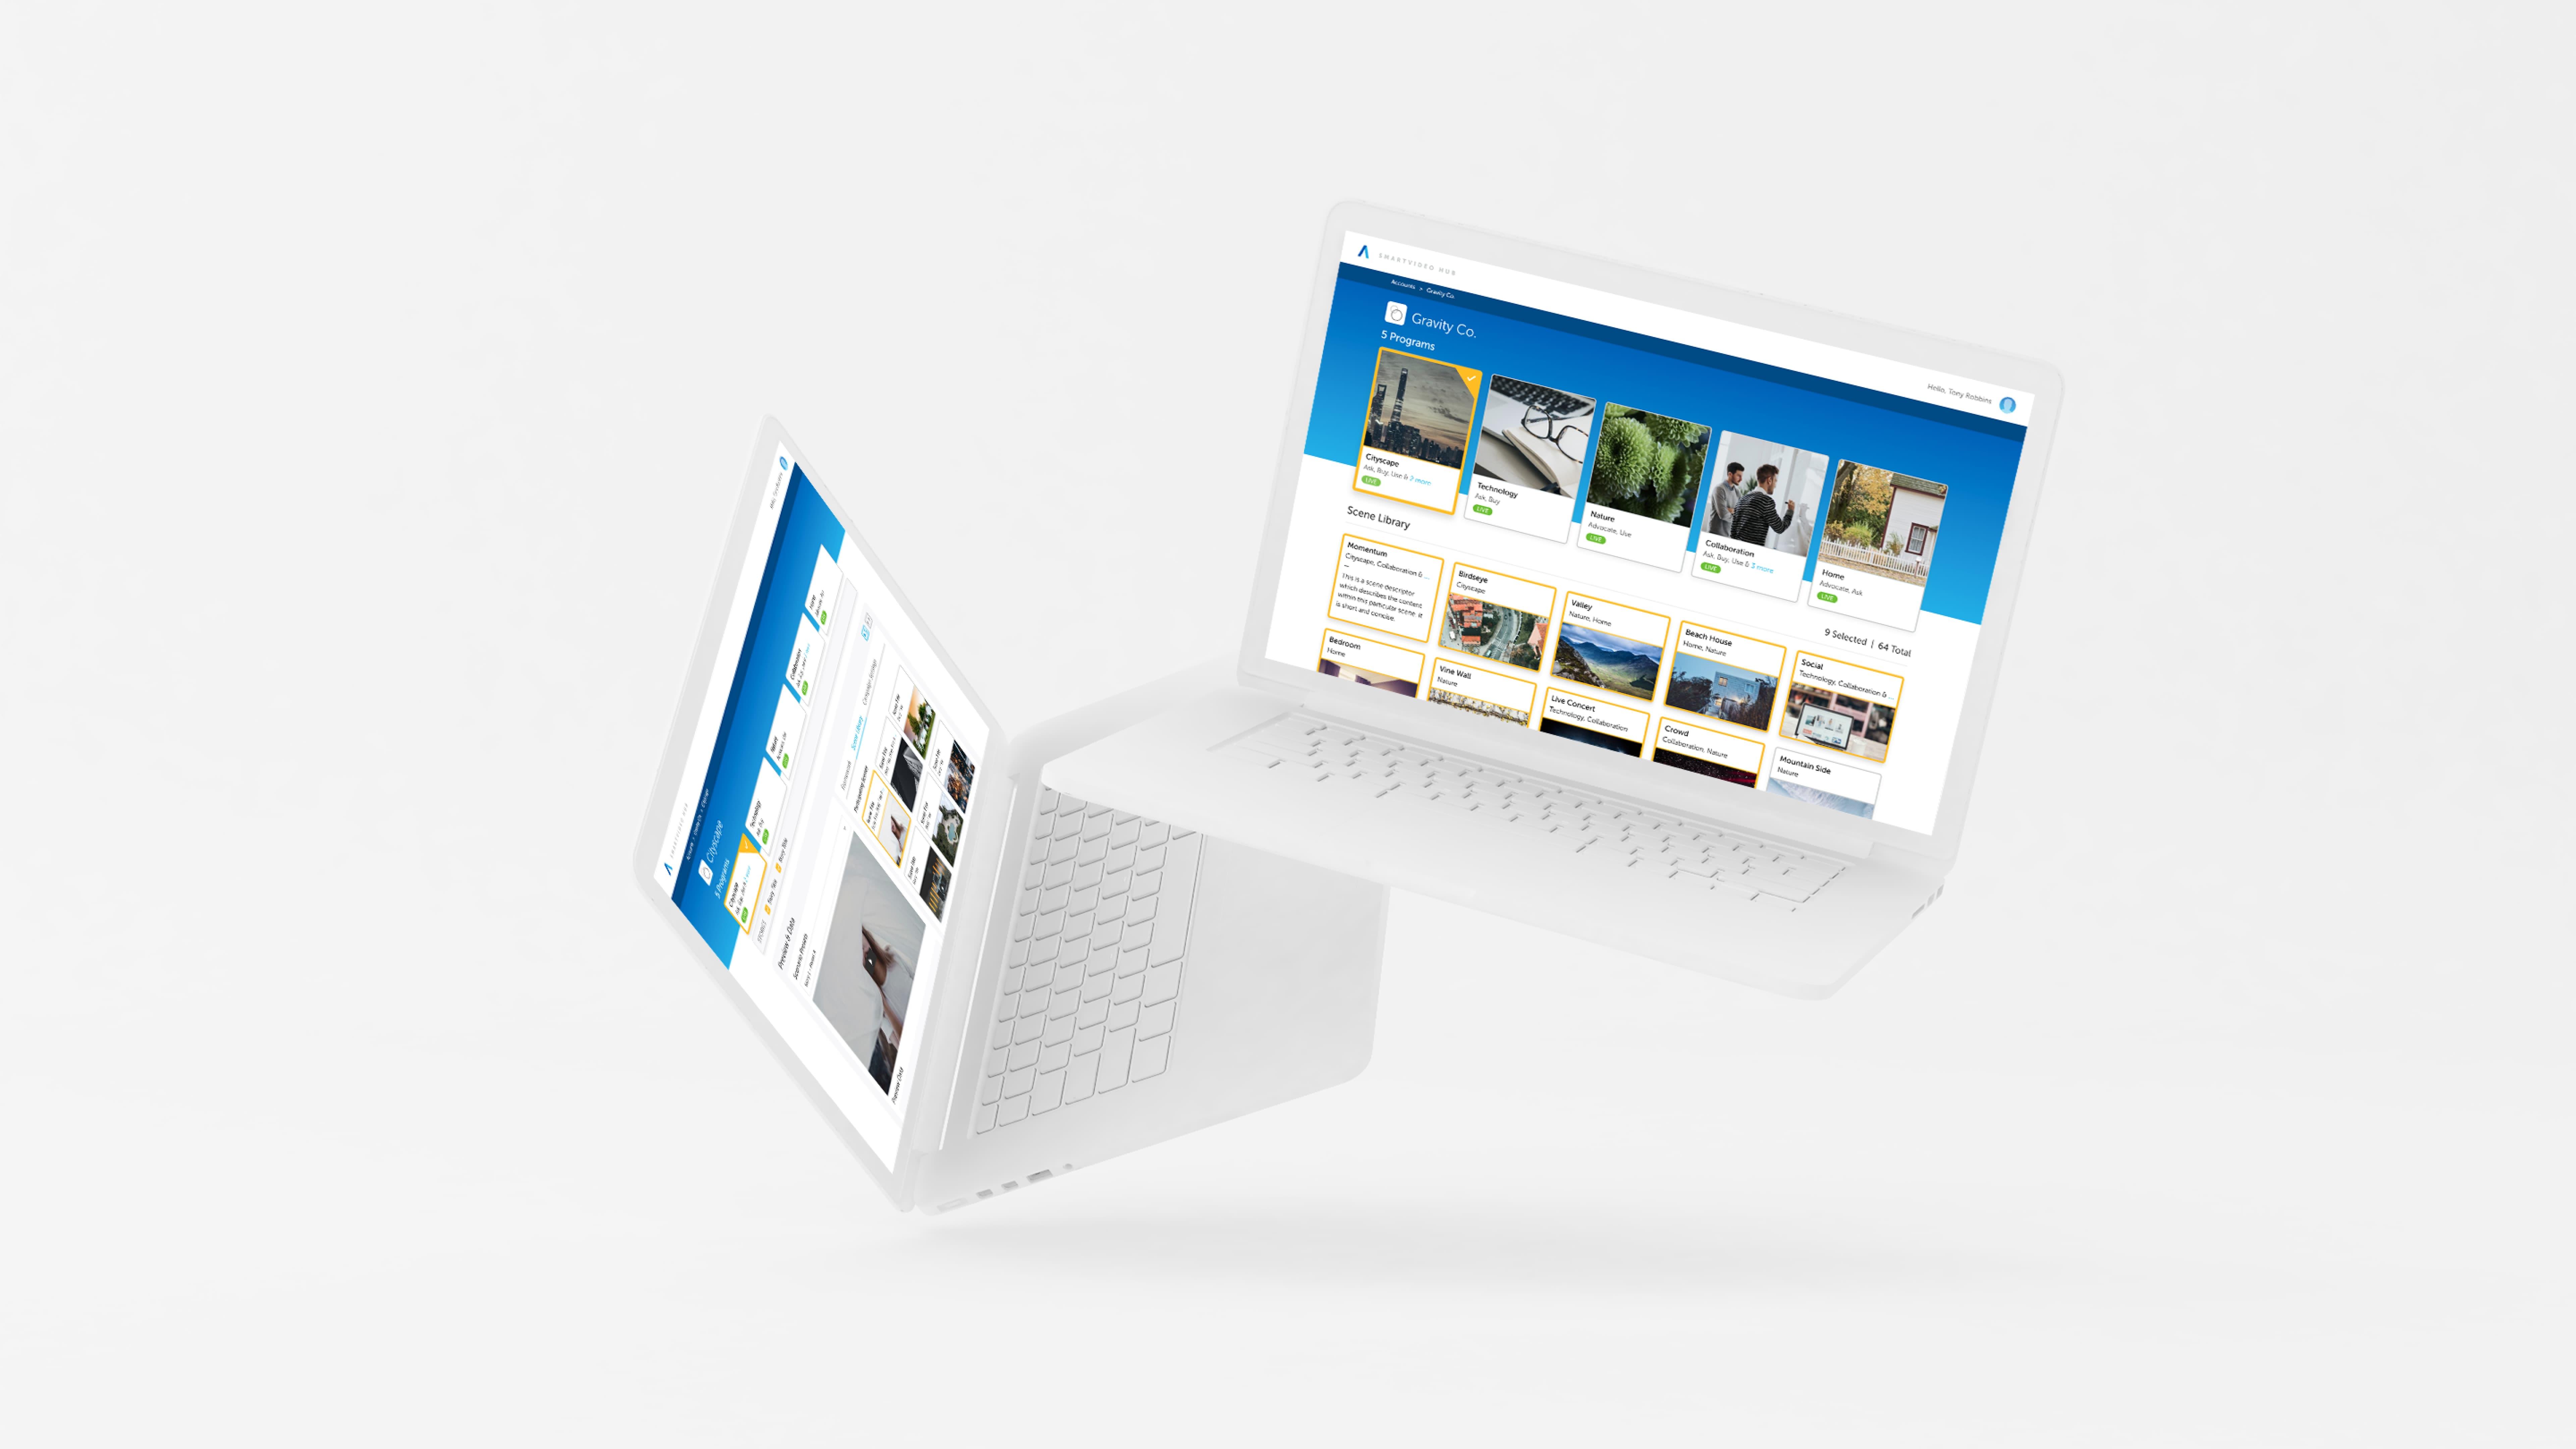 SSWeb-SundaySky-SmartVideo Dashboards-FloatingLaptops